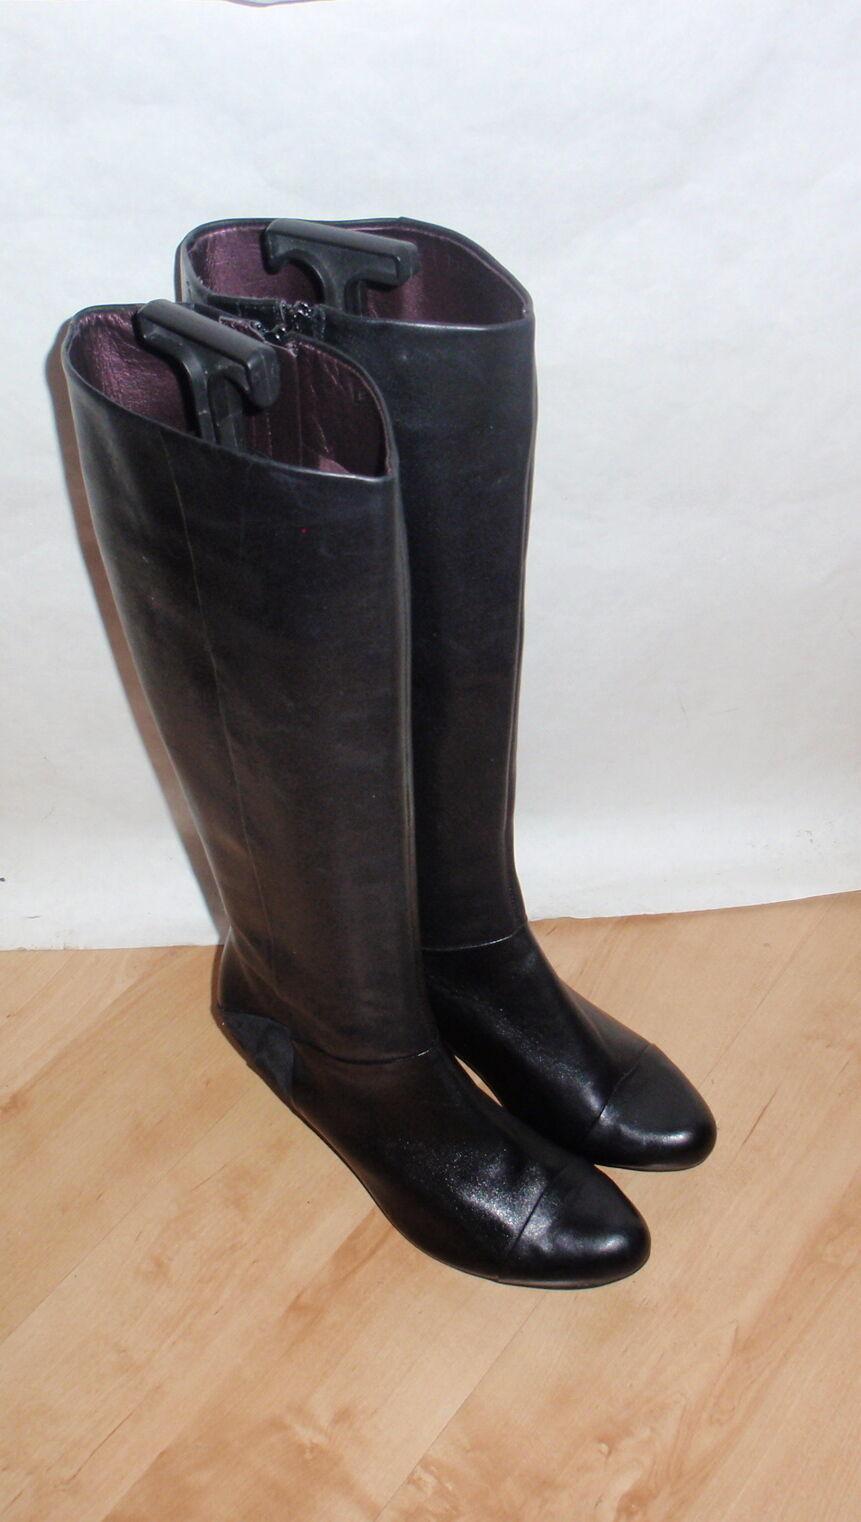 Nuevo Clarks Botas Para Mujer Cuero Largo Negro Largo Cuero Hasta La Rodilla-Varios Tamaños 5f10a2